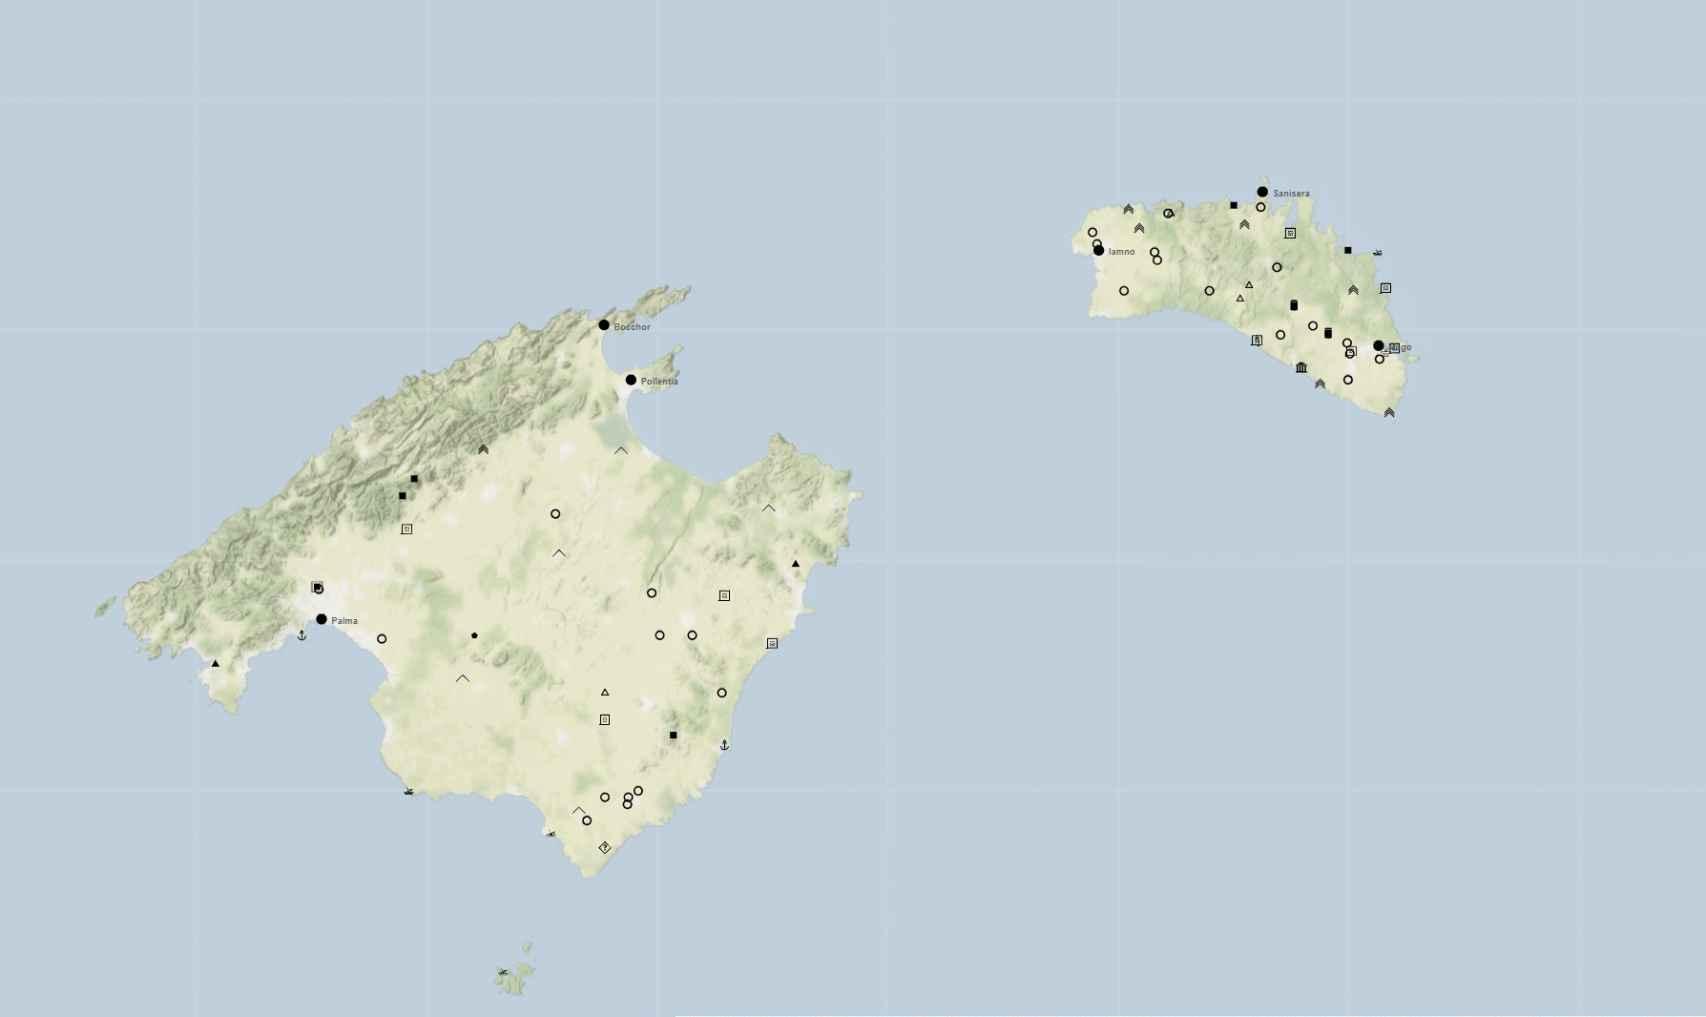 Sitios de época romana de las islas de Mallorca y Menorca introducidos en la TIR. El mapa permite intuir la diferenciación en la estructura del poblamiento en las dos islas.